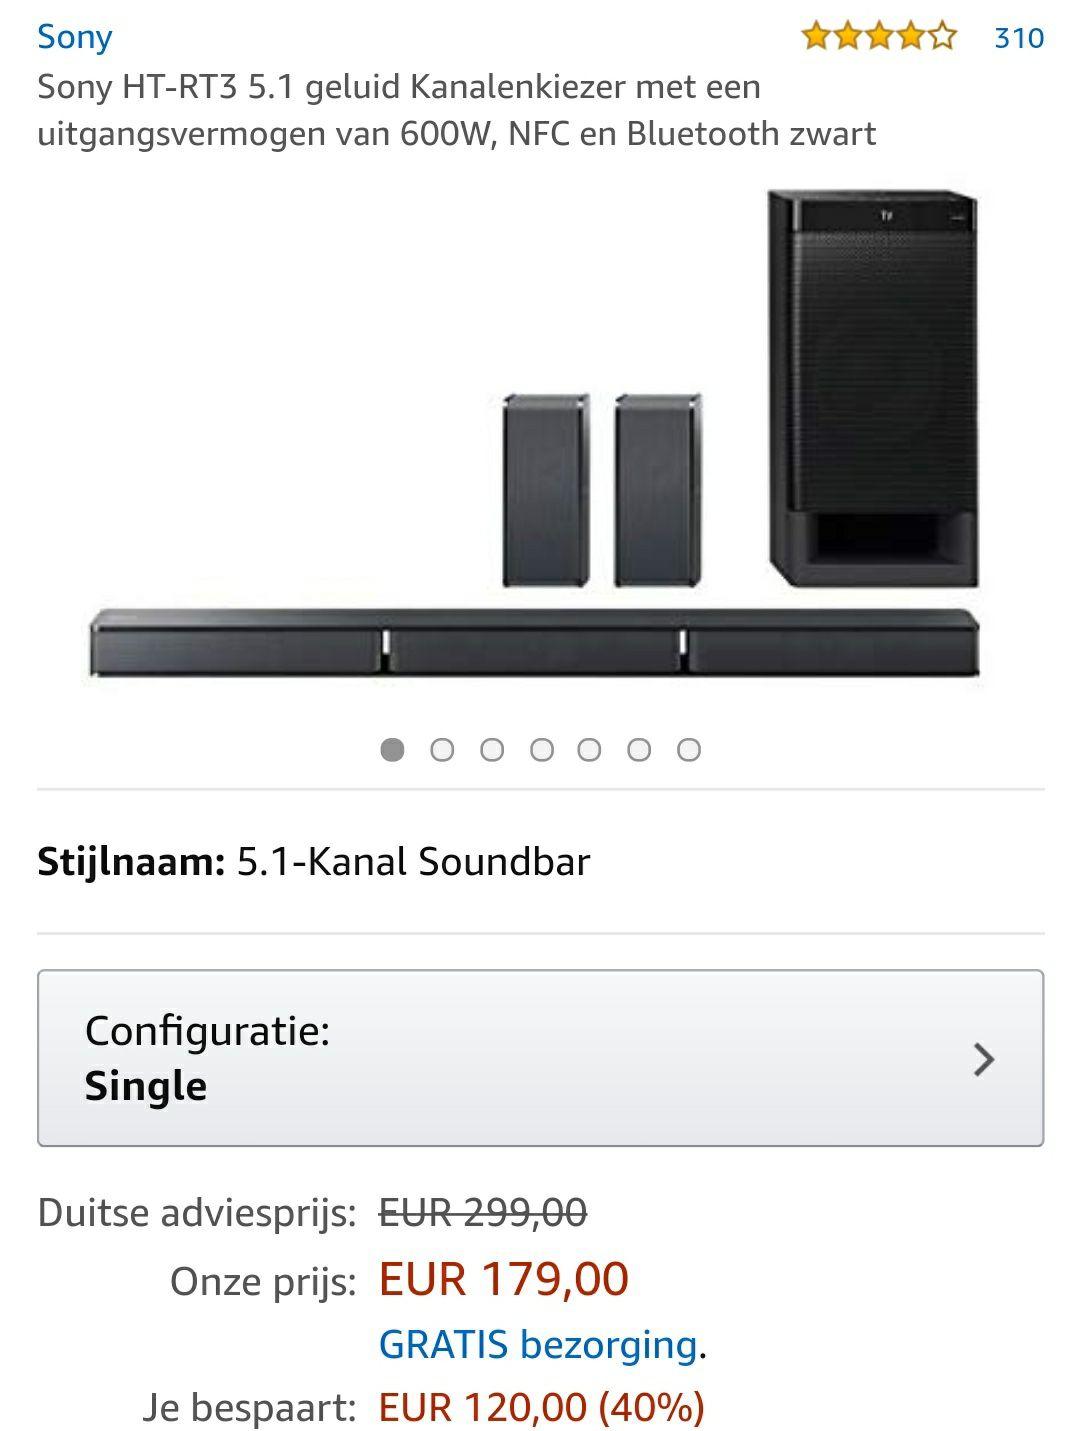 Sony HT-RT3 5.1 geluid Kanalenkiezer met een uitgangsvermogen van 600W, NFC en Bluetooth zwart